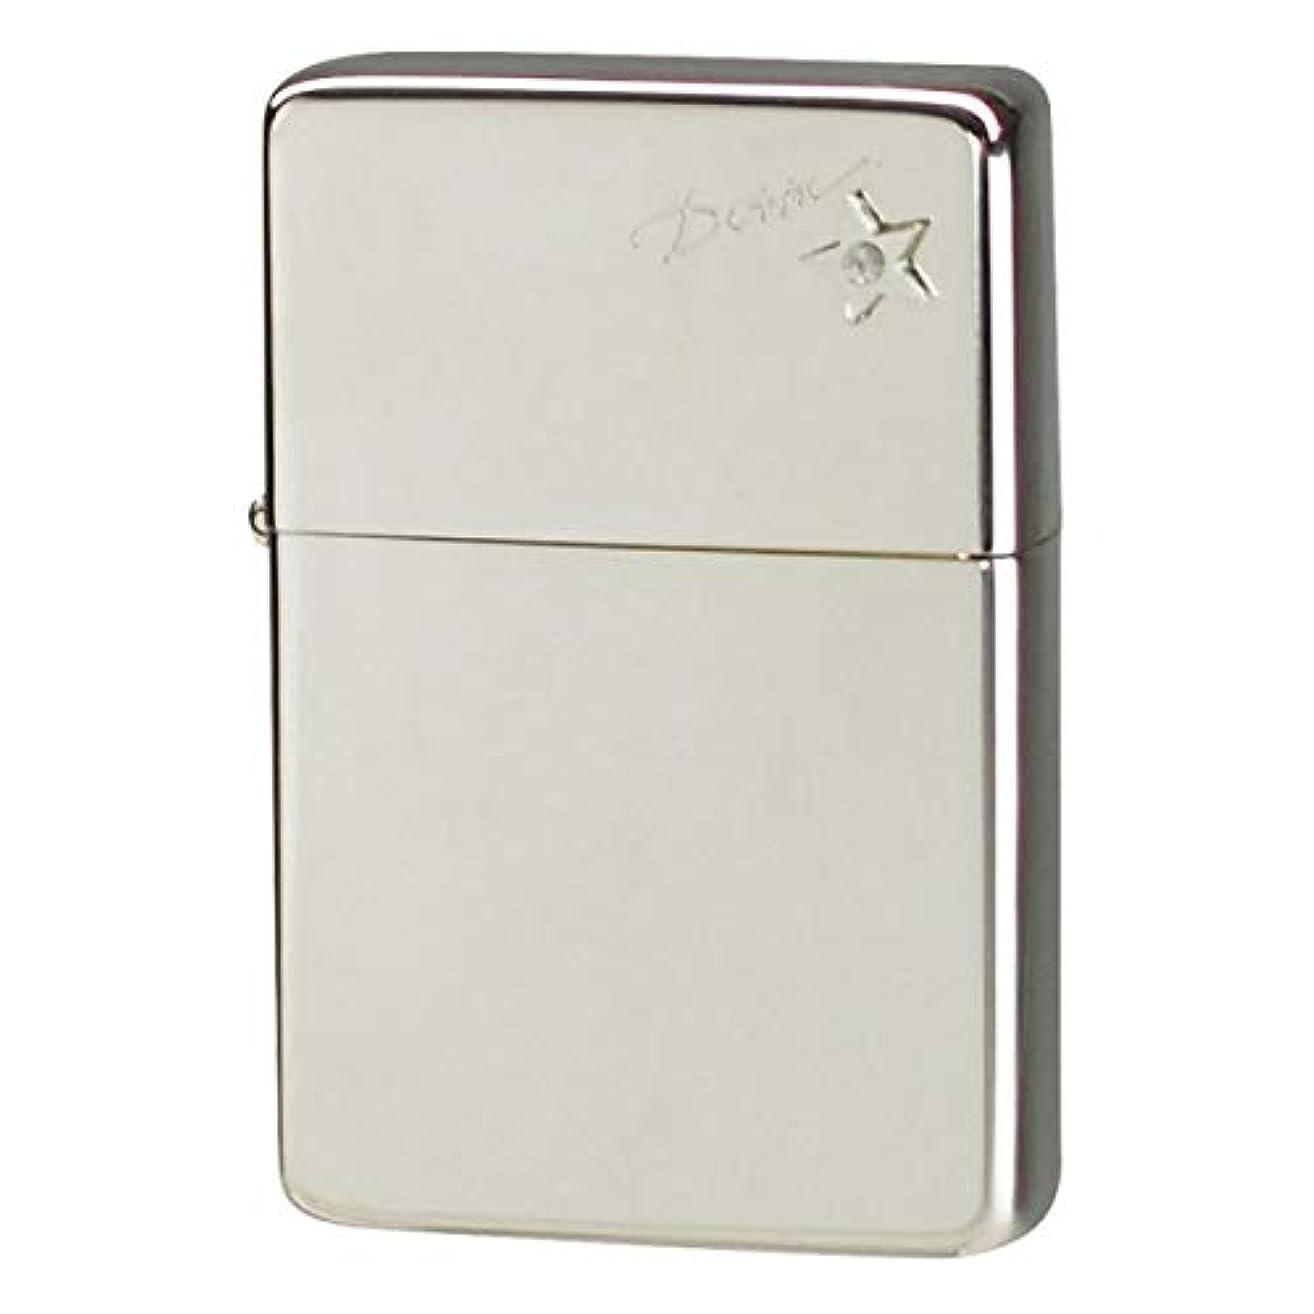 アクティビティテクスチャー起こりやすいDEVIN(デヴィン) オイルライター パワーストーン 銀メッキ GEM-CD